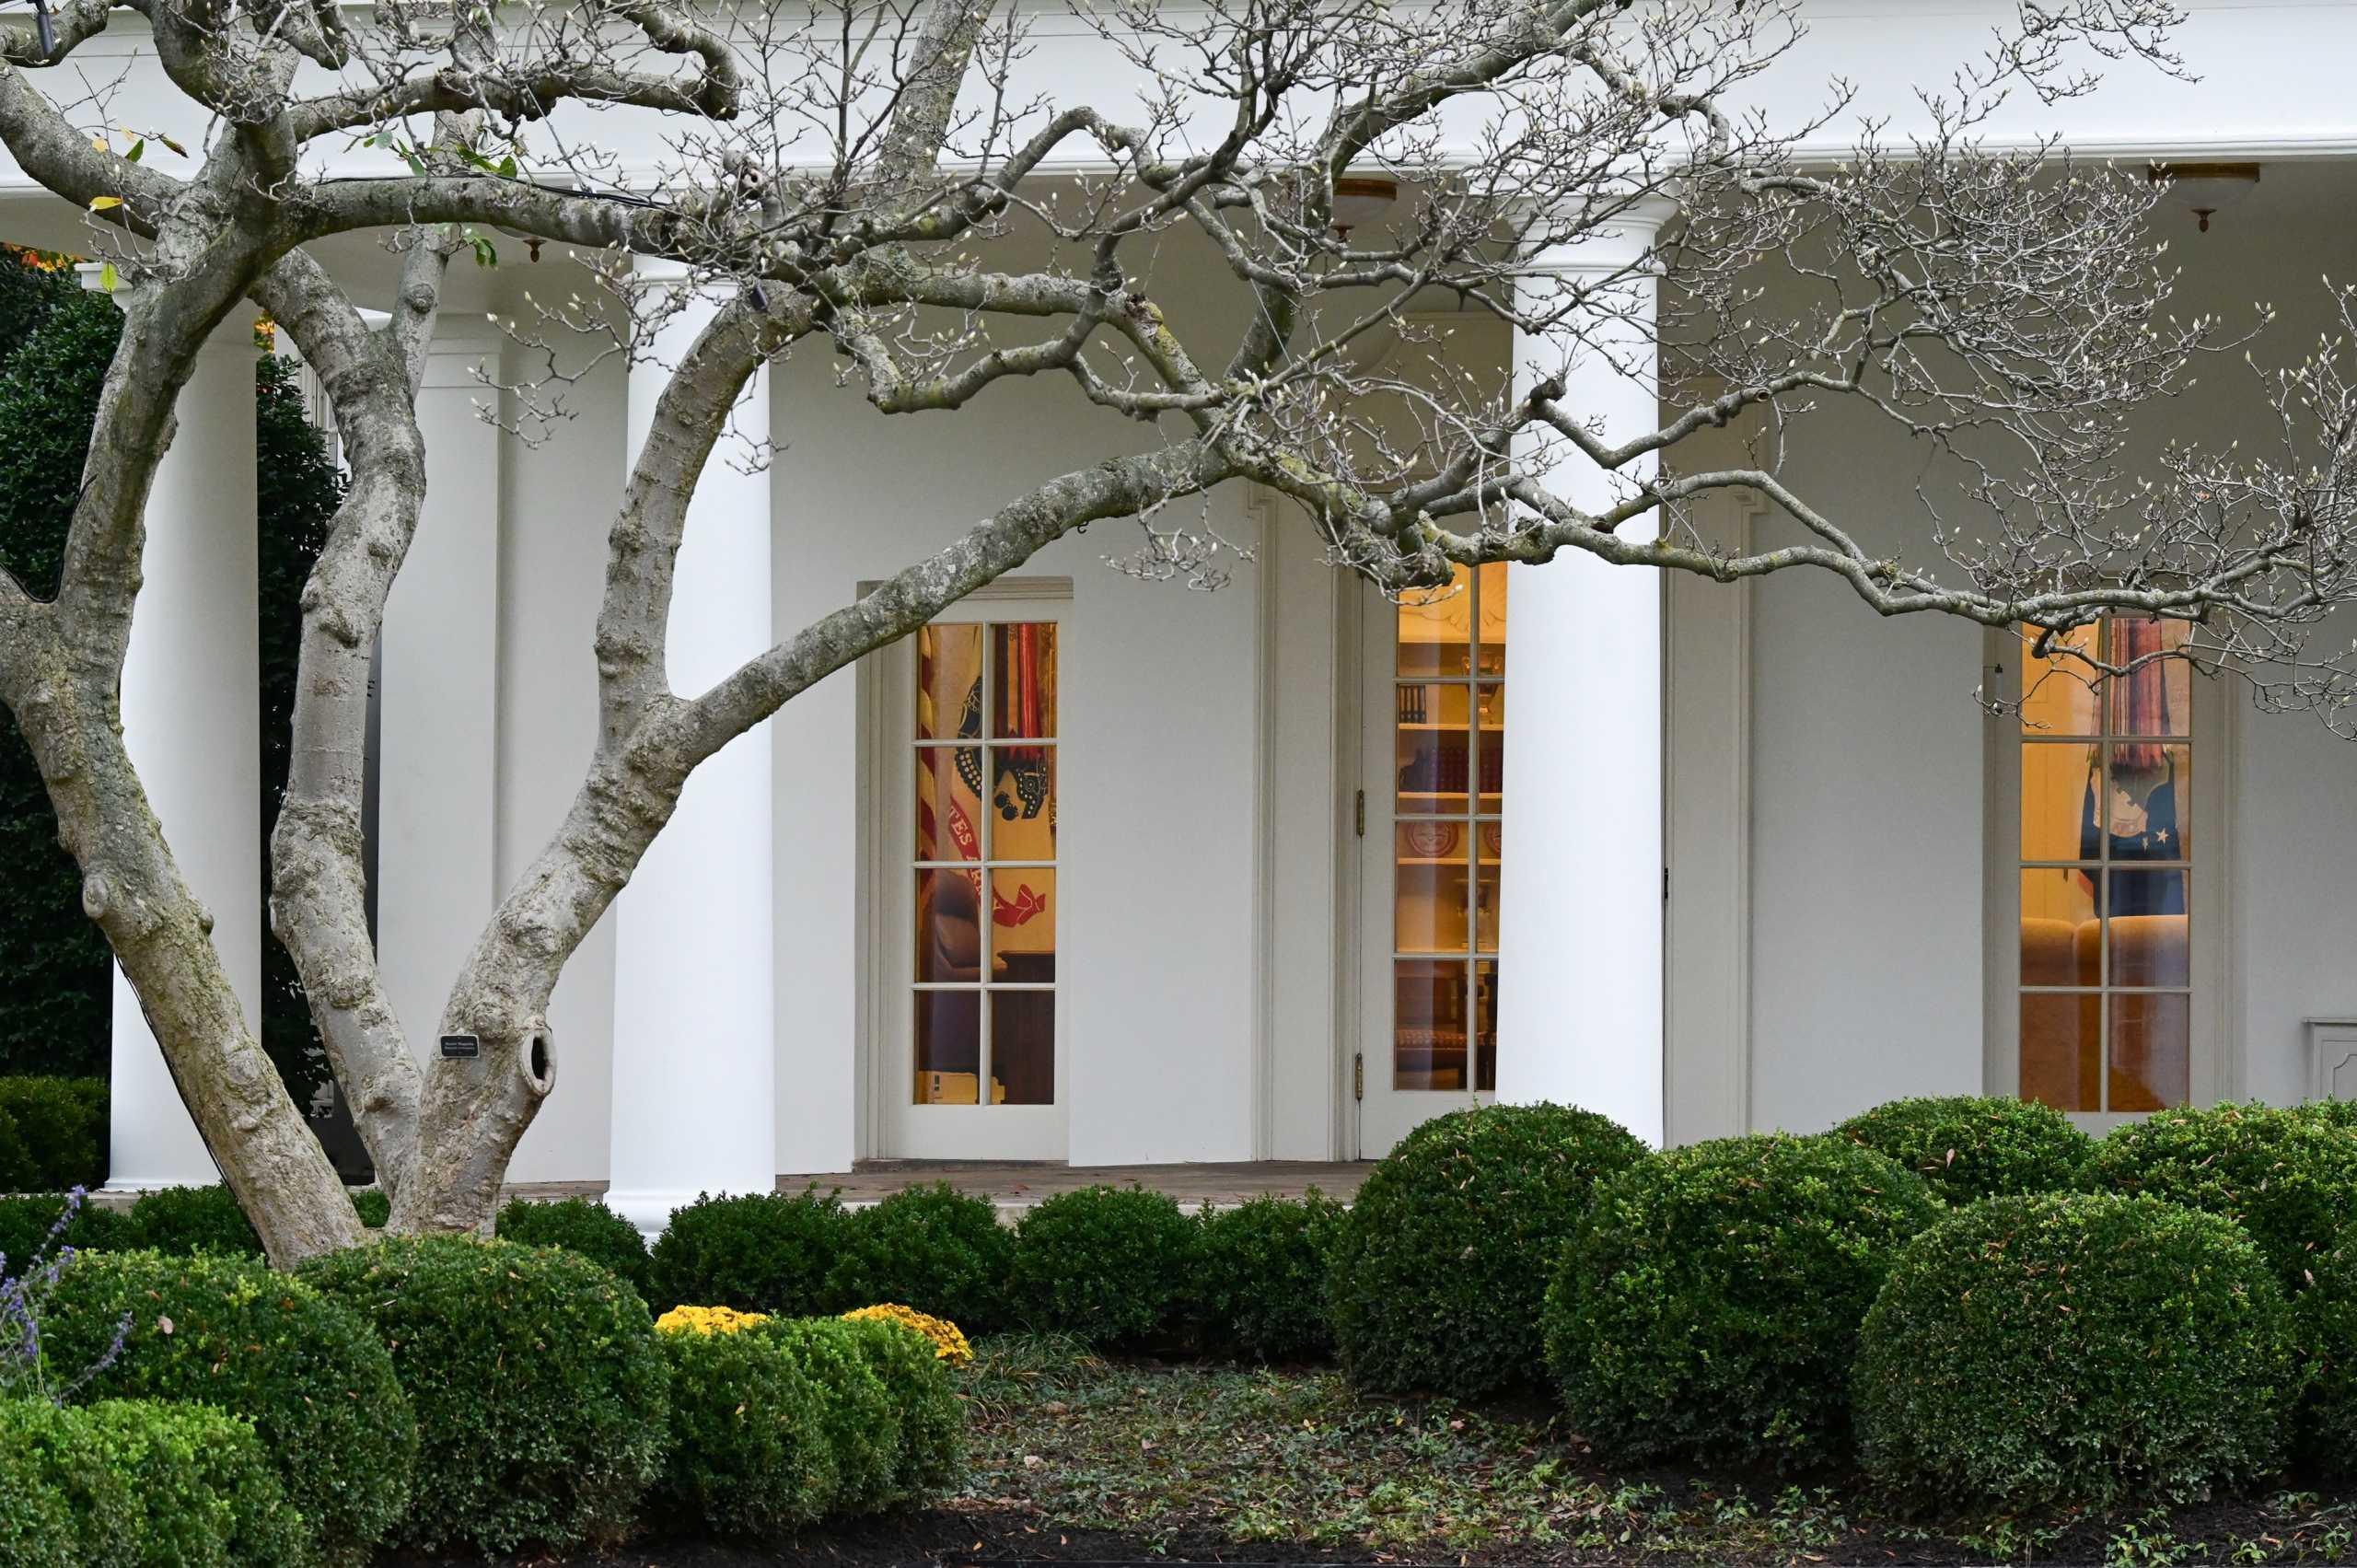 Ο Τραμπ σκέφτεται ακόμα και πραξικόπημα; Σε σύσκεψη στο Λευκό Οίκο προτάθηκε «στρατιωτικός νόμος»